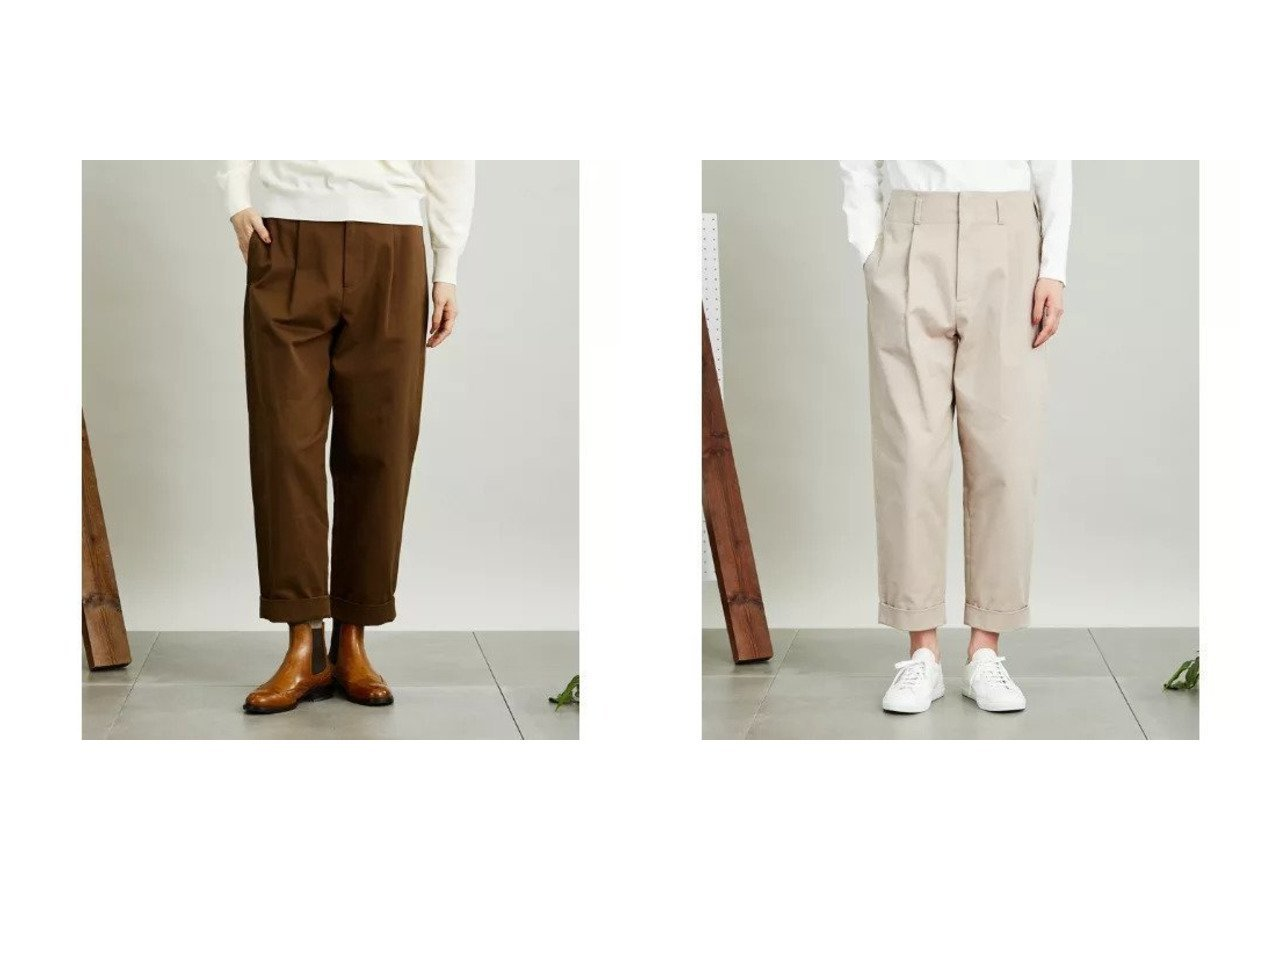 【SIPULI/シプリ】のOrganic Cotton Drill ハイウエストタックパンツ 【パンツ】おすすめ!人気、トレンド・レディースファッションの通販 おすすめで人気の流行・トレンド、ファッションの通販商品 インテリア・家具・メンズファッション・キッズファッション・レディースファッション・服の通販 founy(ファニー) https://founy.com/ ファッション Fashion レディースファッション WOMEN パンツ Pants クラシカル ダブル ミドル A/W・秋冬 AW・Autumn/Winter・FW・Fall-Winter  ID:crp329100000071349